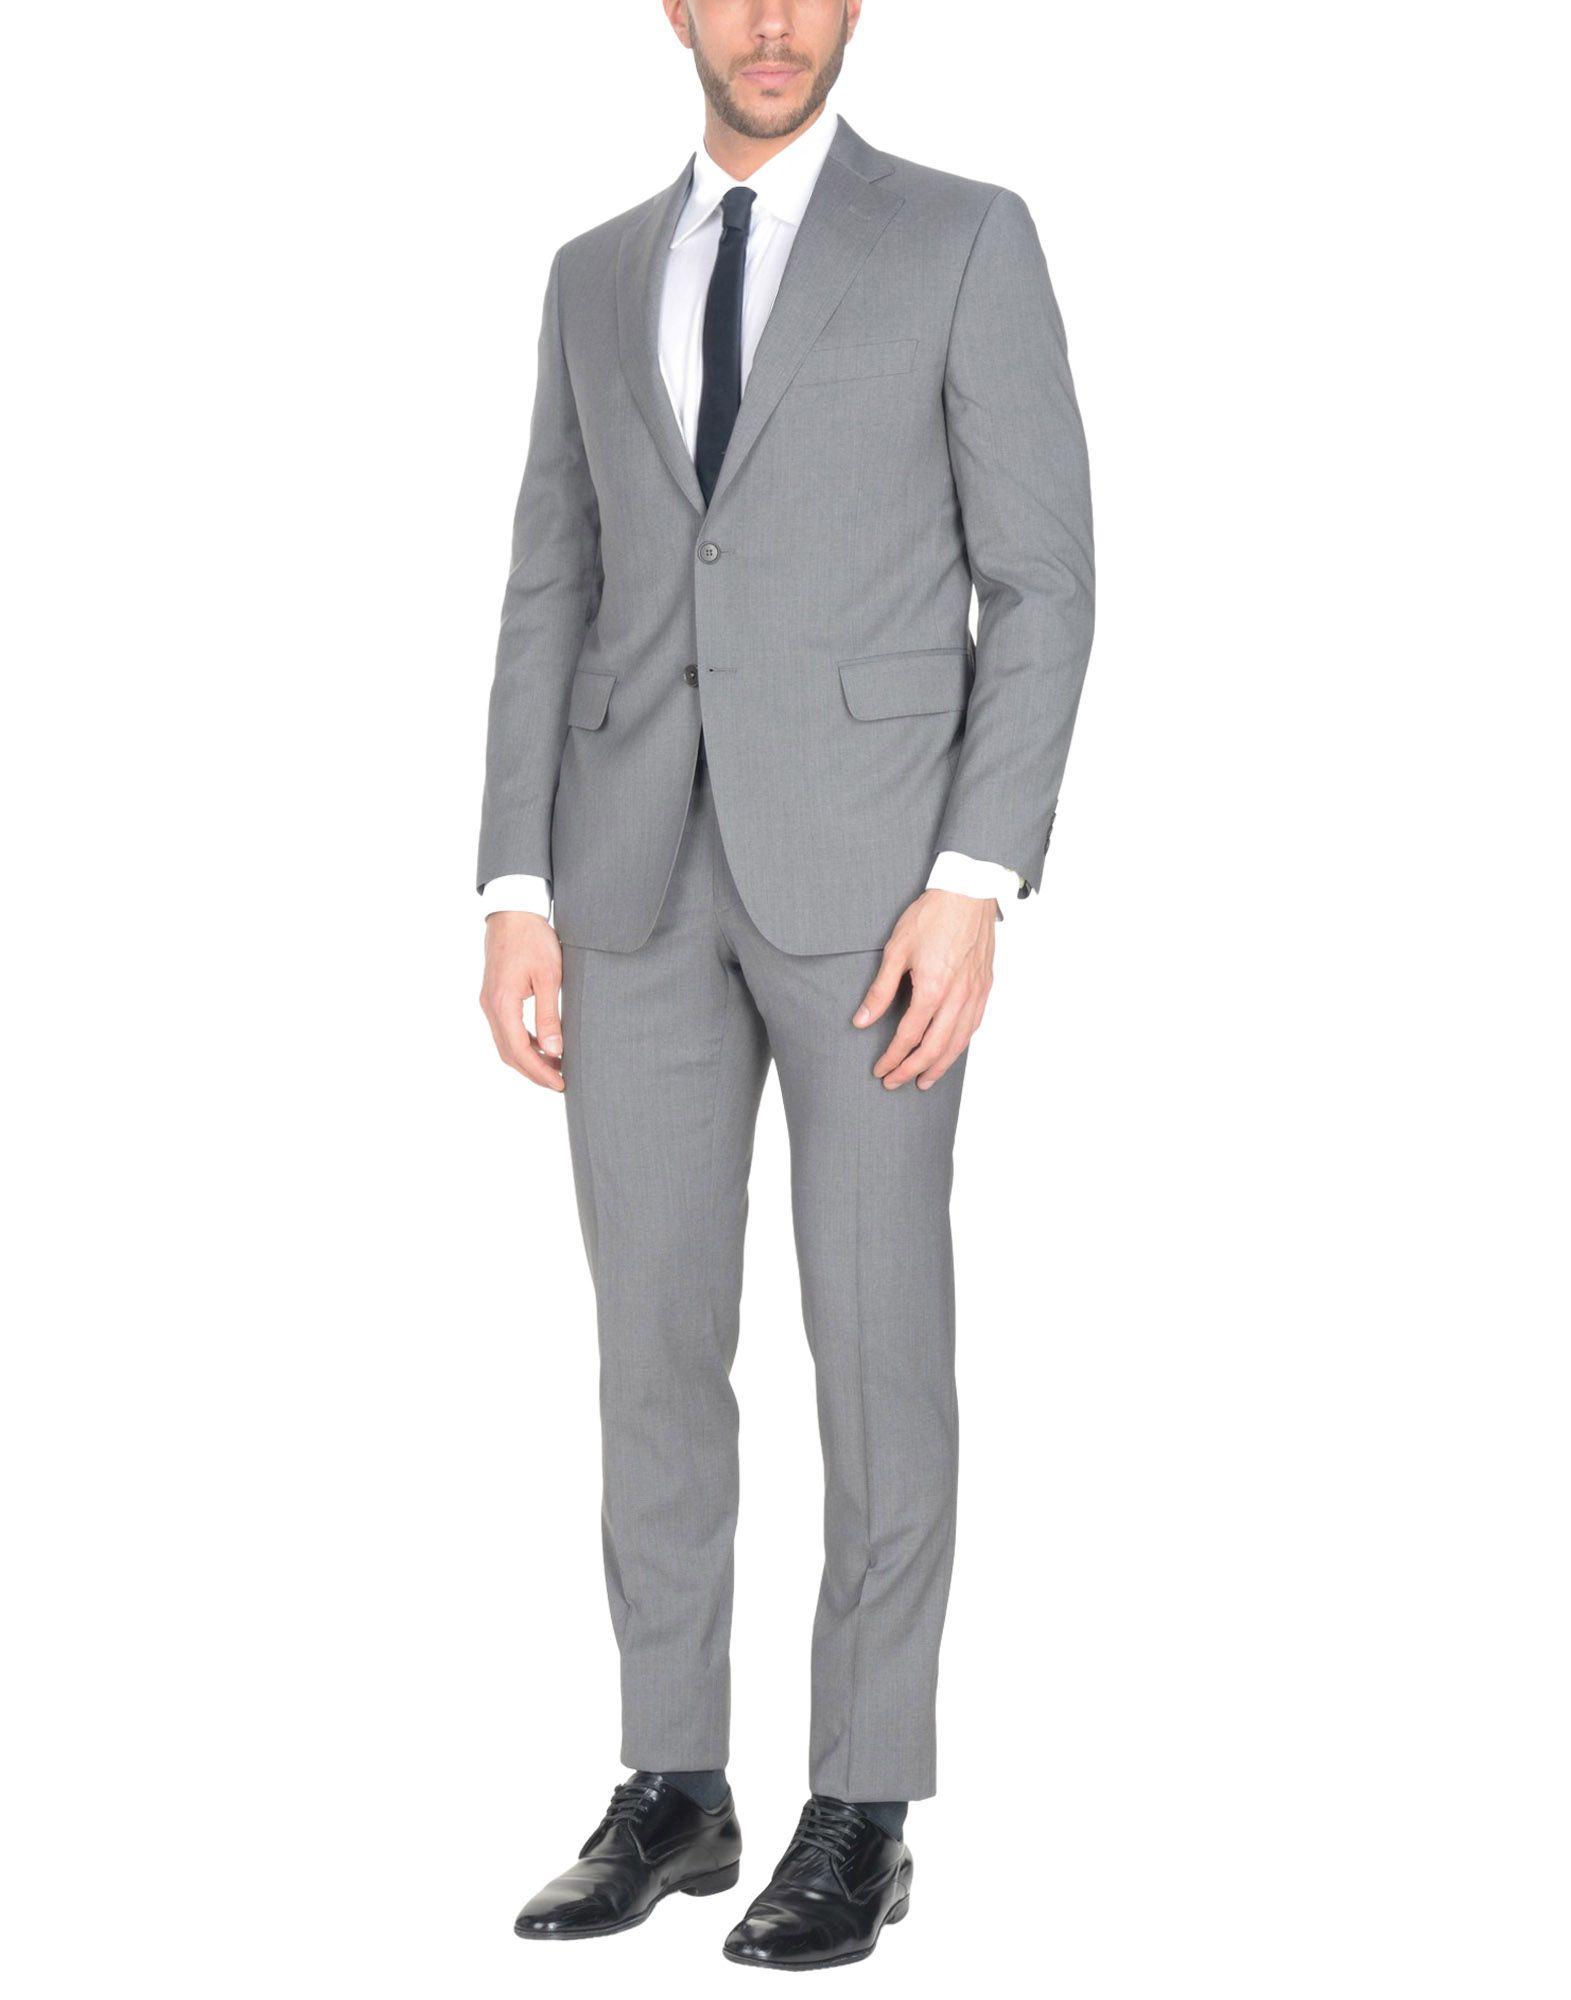 《送料無料》STELL BAYREM メンズ スーツ グレー 48 スーパー130 ウール 100%